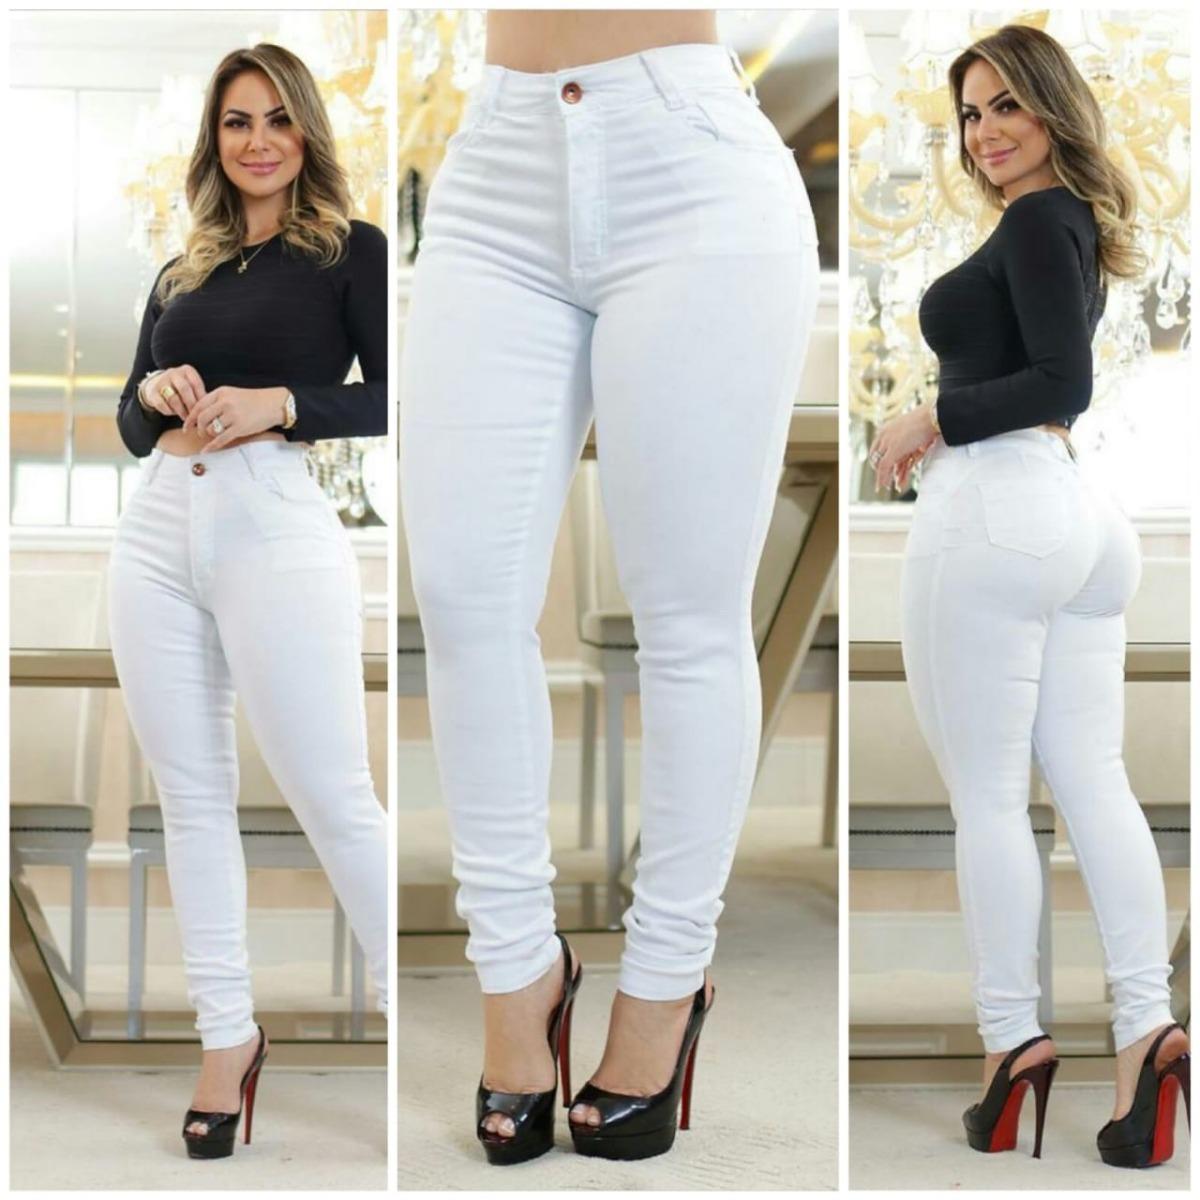 9e995f105 calça jeans cintura alta branca rasgada linda veste bem. Carregando zoom.